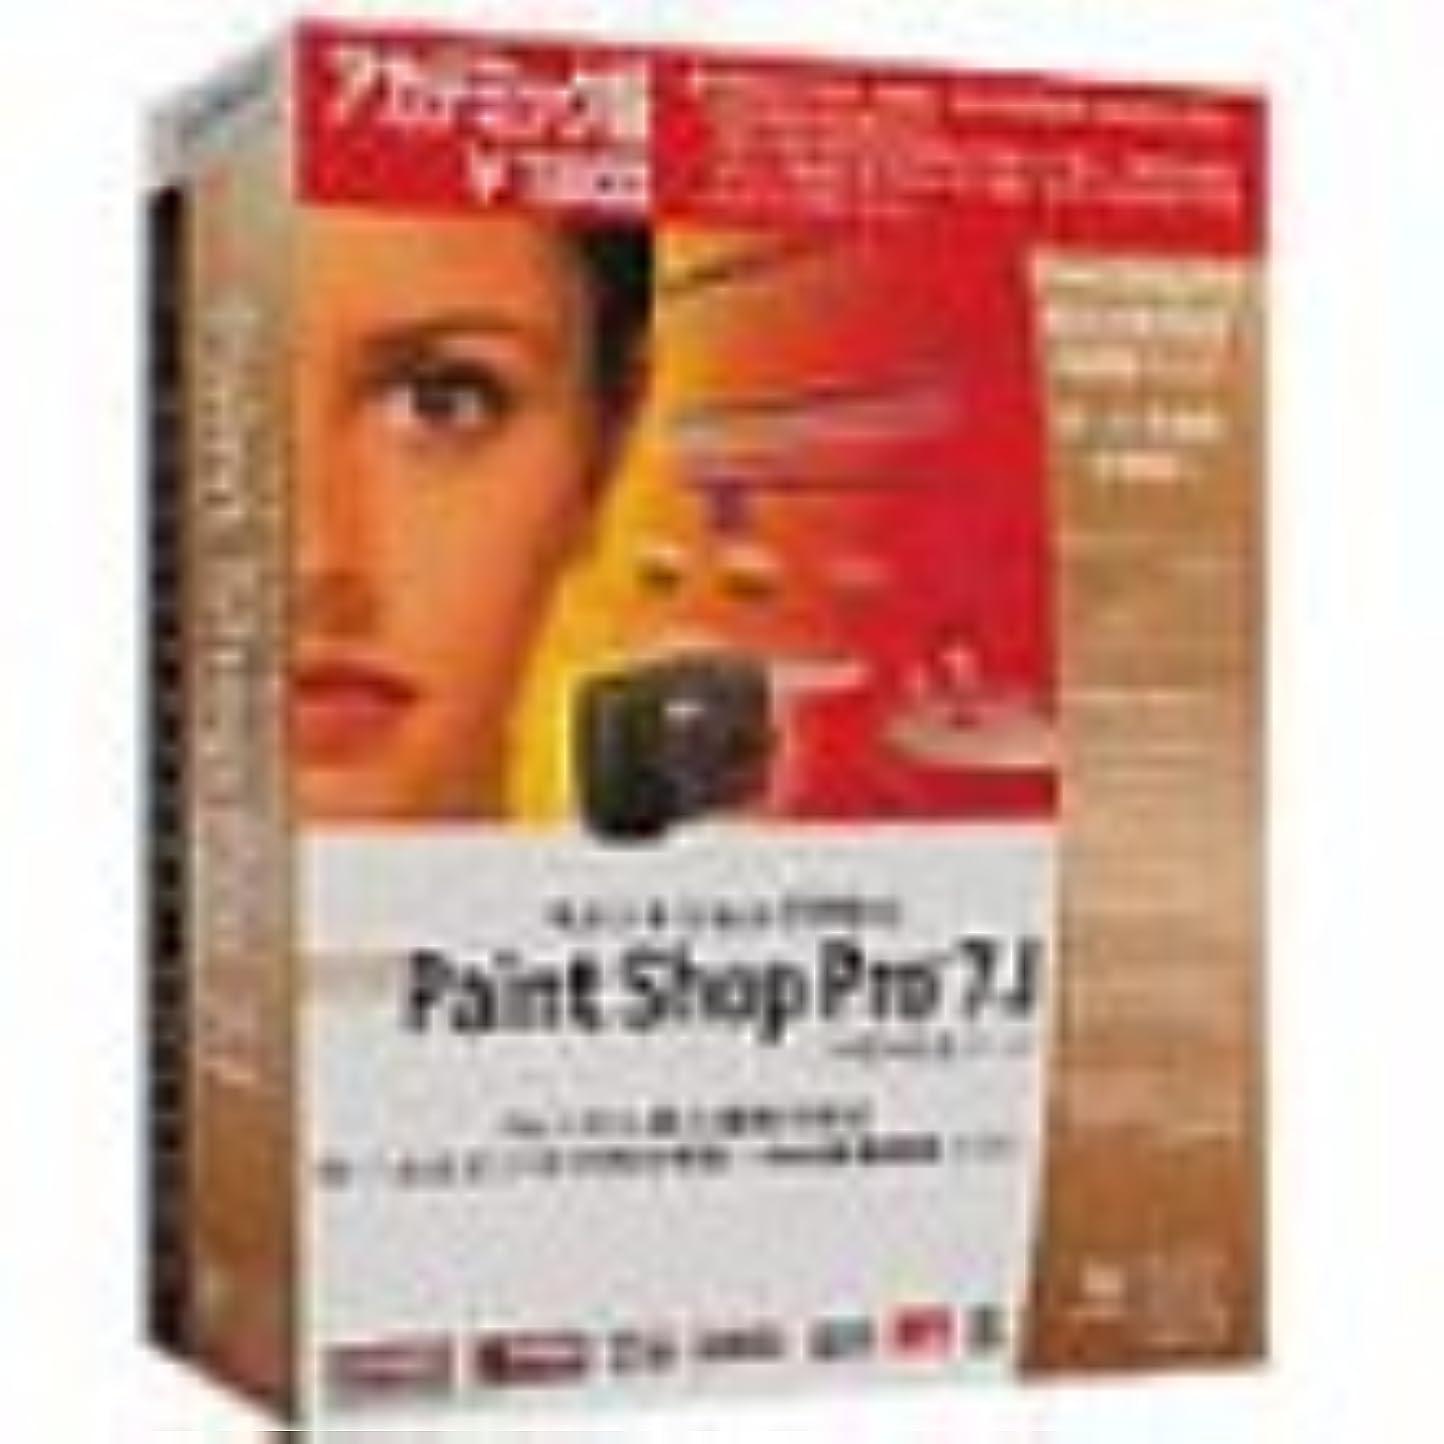 Paint Shop Pro 7J アカデミック版